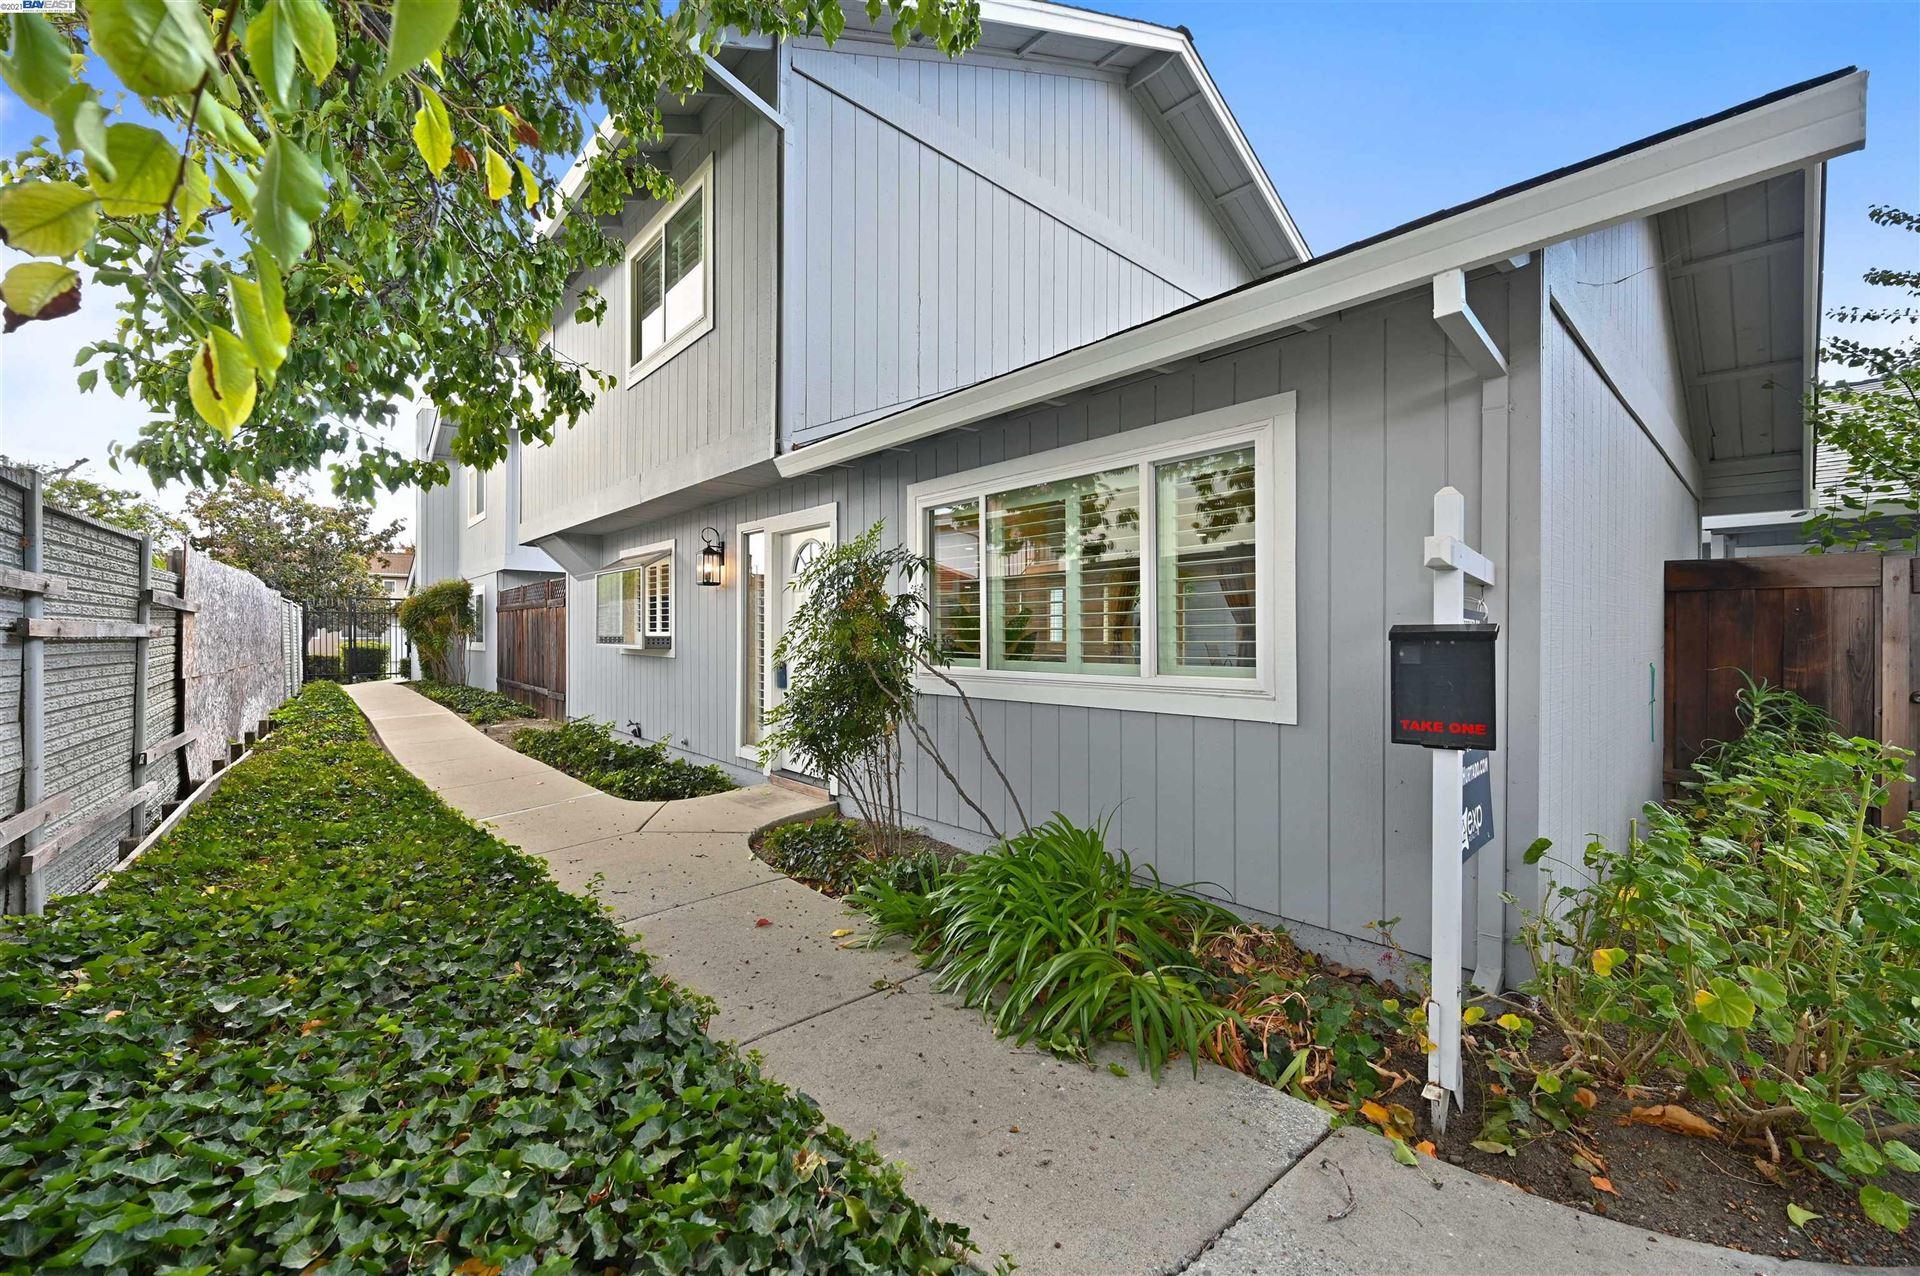 693 Chemeketa Dr, San Jose, CA 95123 - MLS#: 40971460